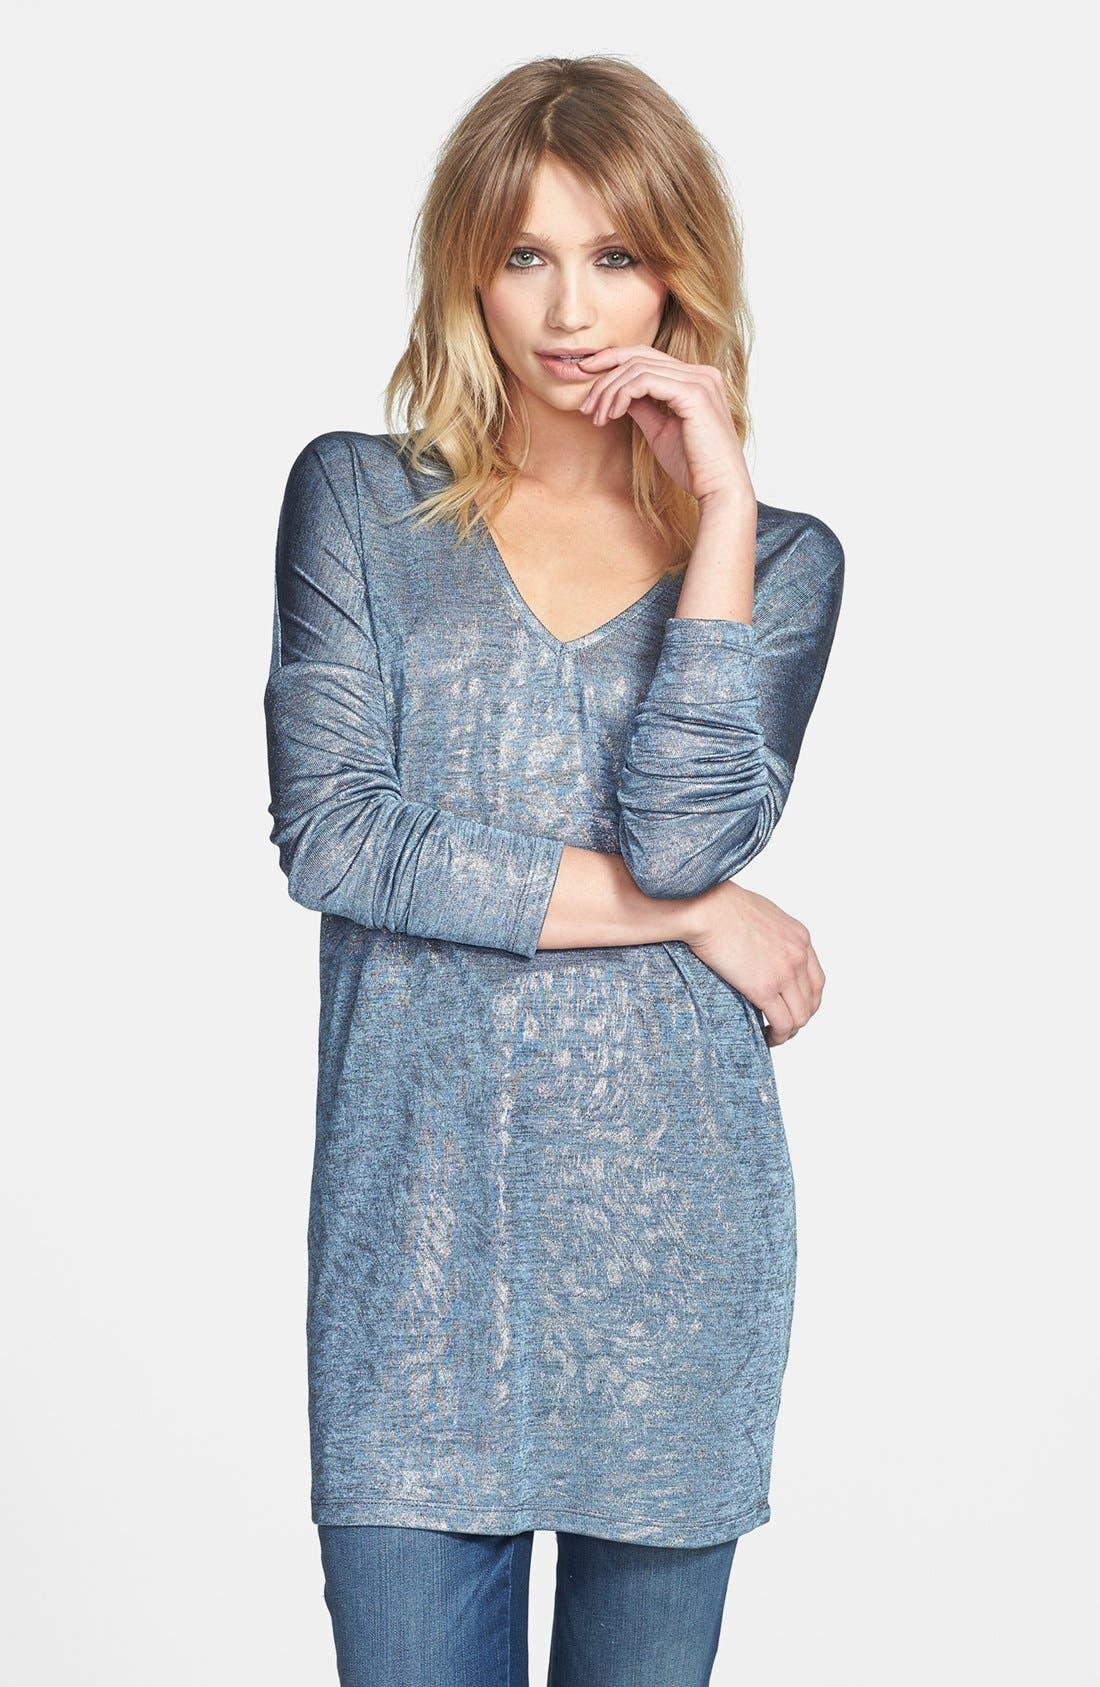 Alternate Image 1 Selected - June & Hudson V-Neck Metallic Tunic Sweater